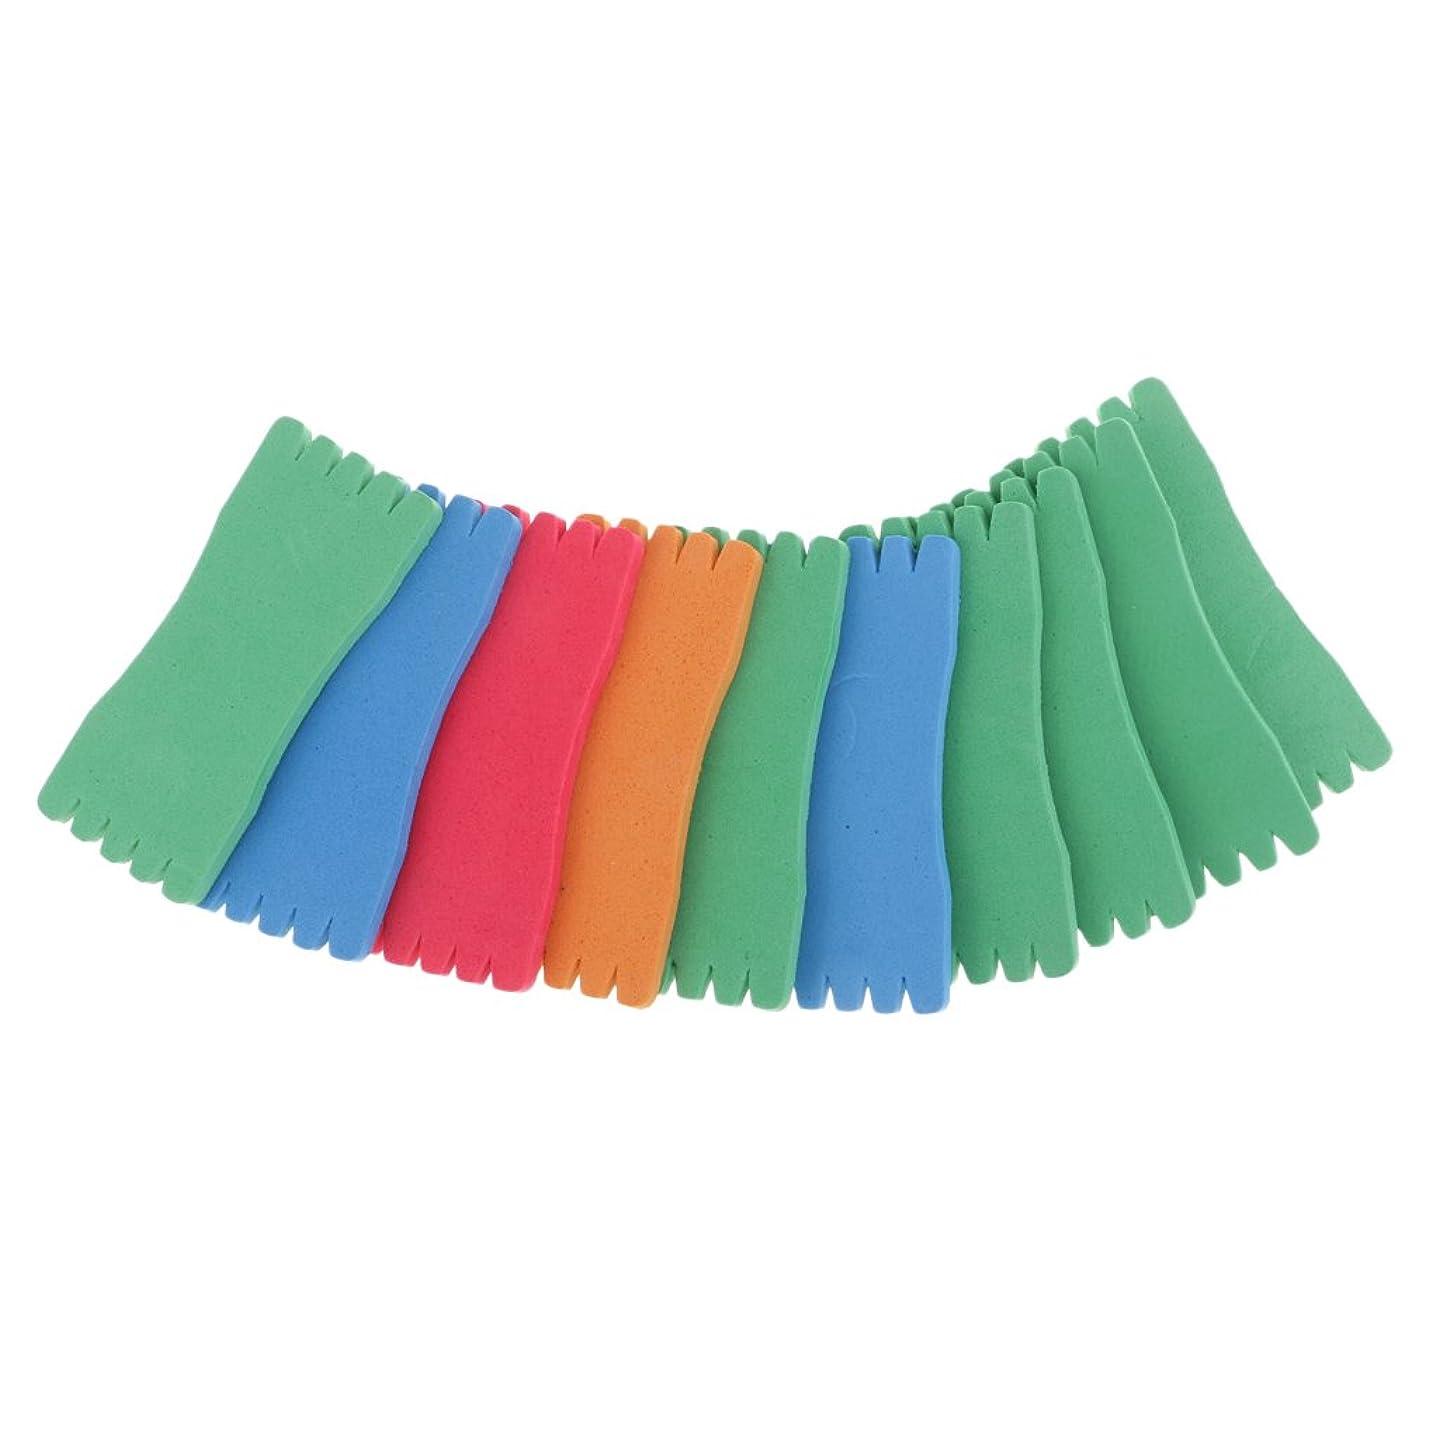 逃れる雑草ミルクT TOOYFUL 釣りライン 釣り糸 ライン巻 ラインボー 巻線ボード ぶら下げ フォーム材質 軽量 10本入り 全7サイズ